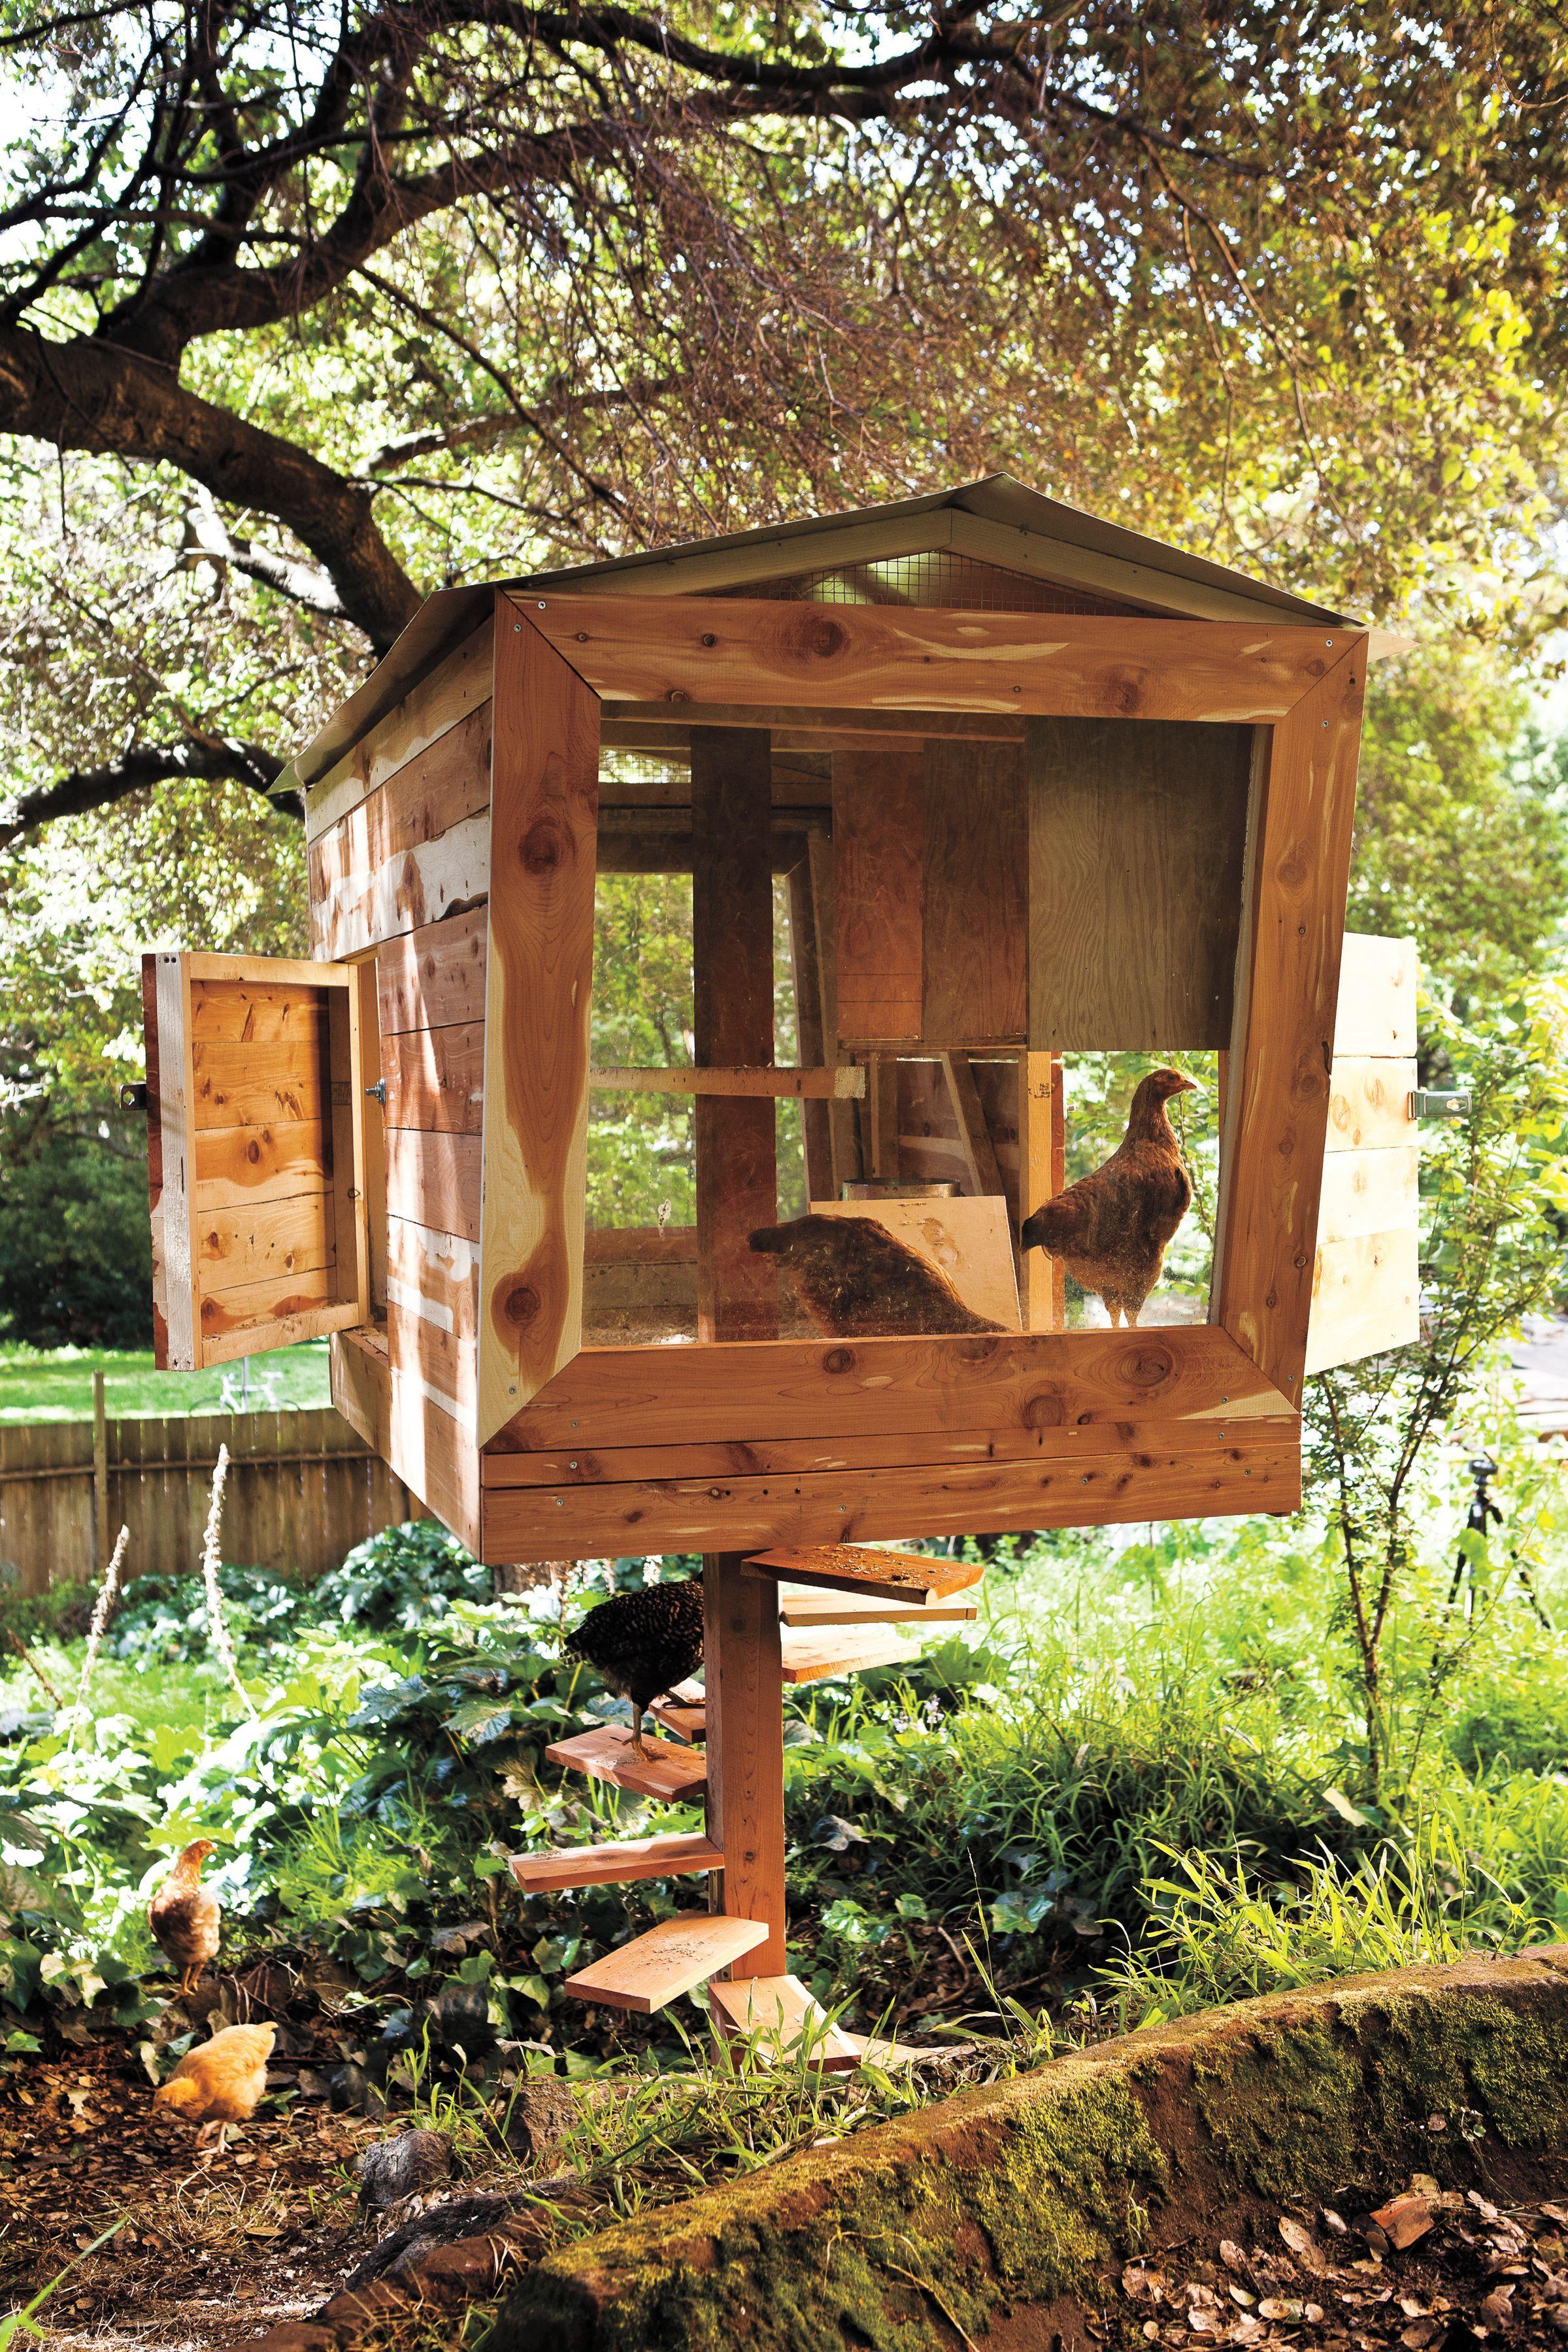 Backyard Chicken Coop Plans Backyard Chicken Coops: Chickens Backyard, Chicken Coop Plans, Backyard Chicken Coops